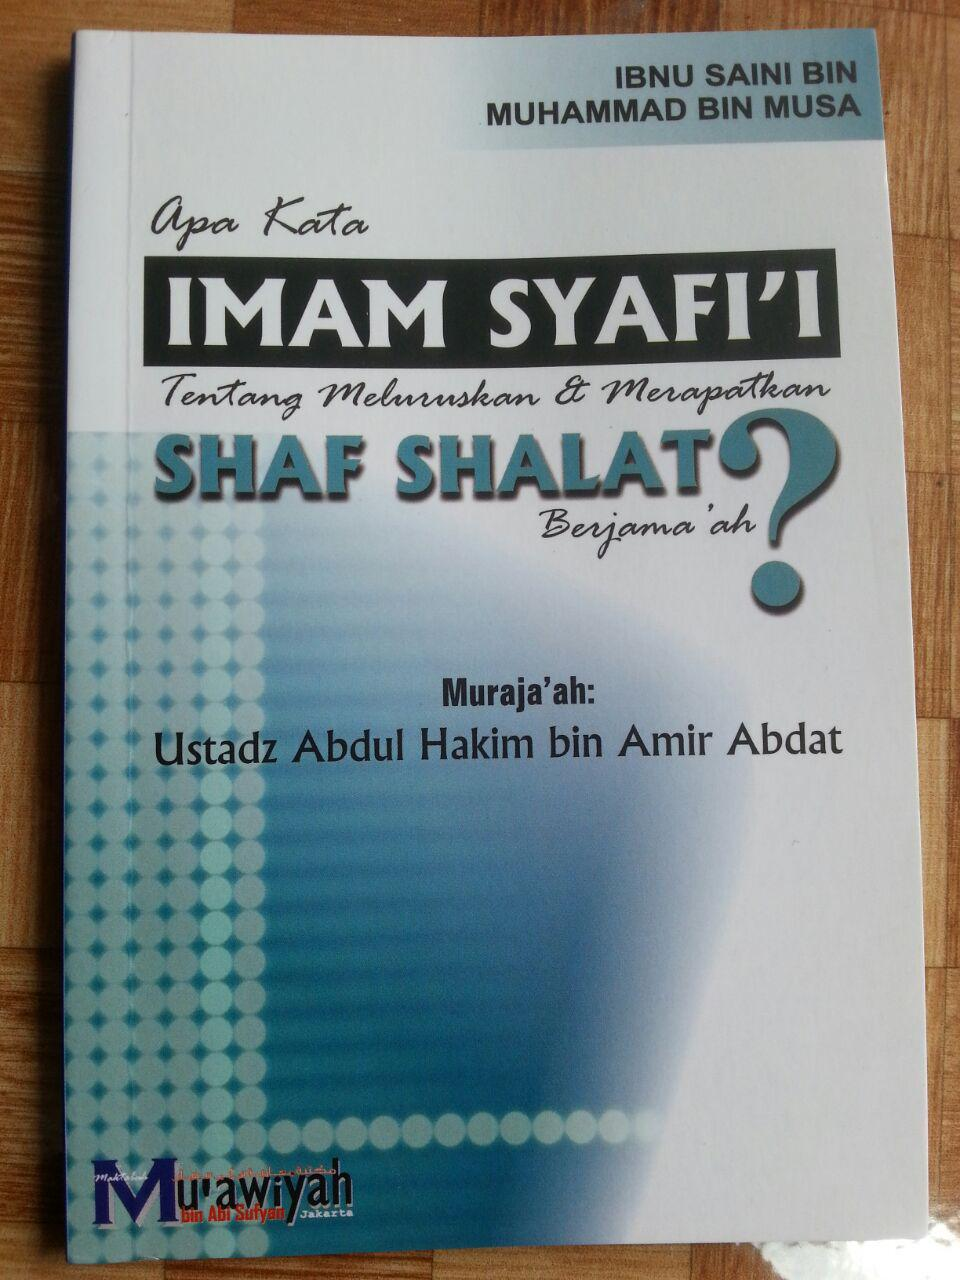 Buku Apa Kata Imam Syafii Tentang Meluruskan Merapatkan Shalat Berjamaah cover